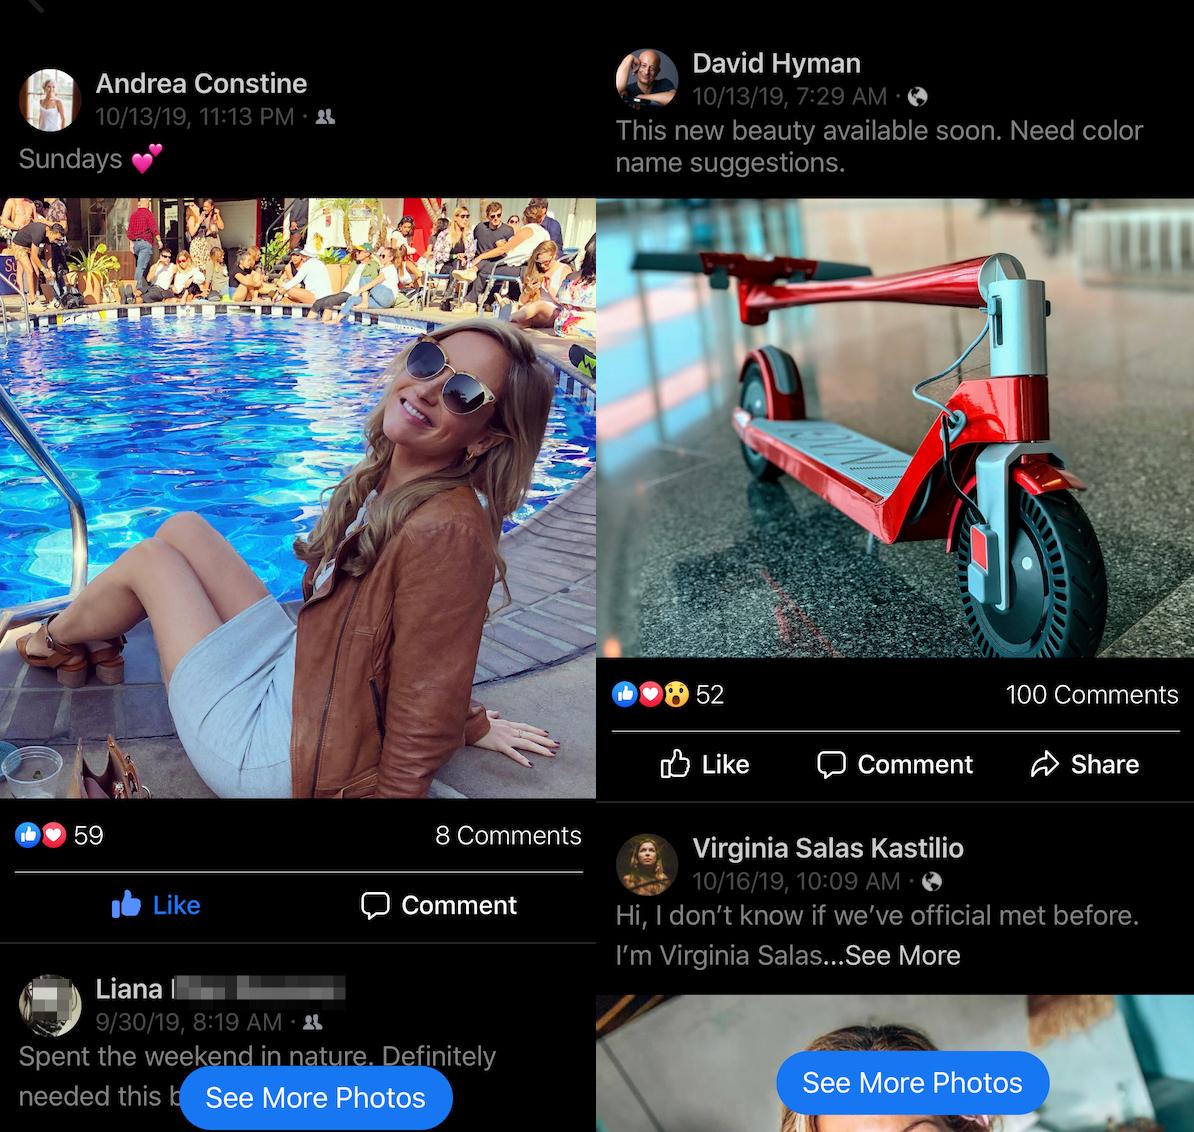 Facebook-Popular-Photos-See-More-Photos-Feed